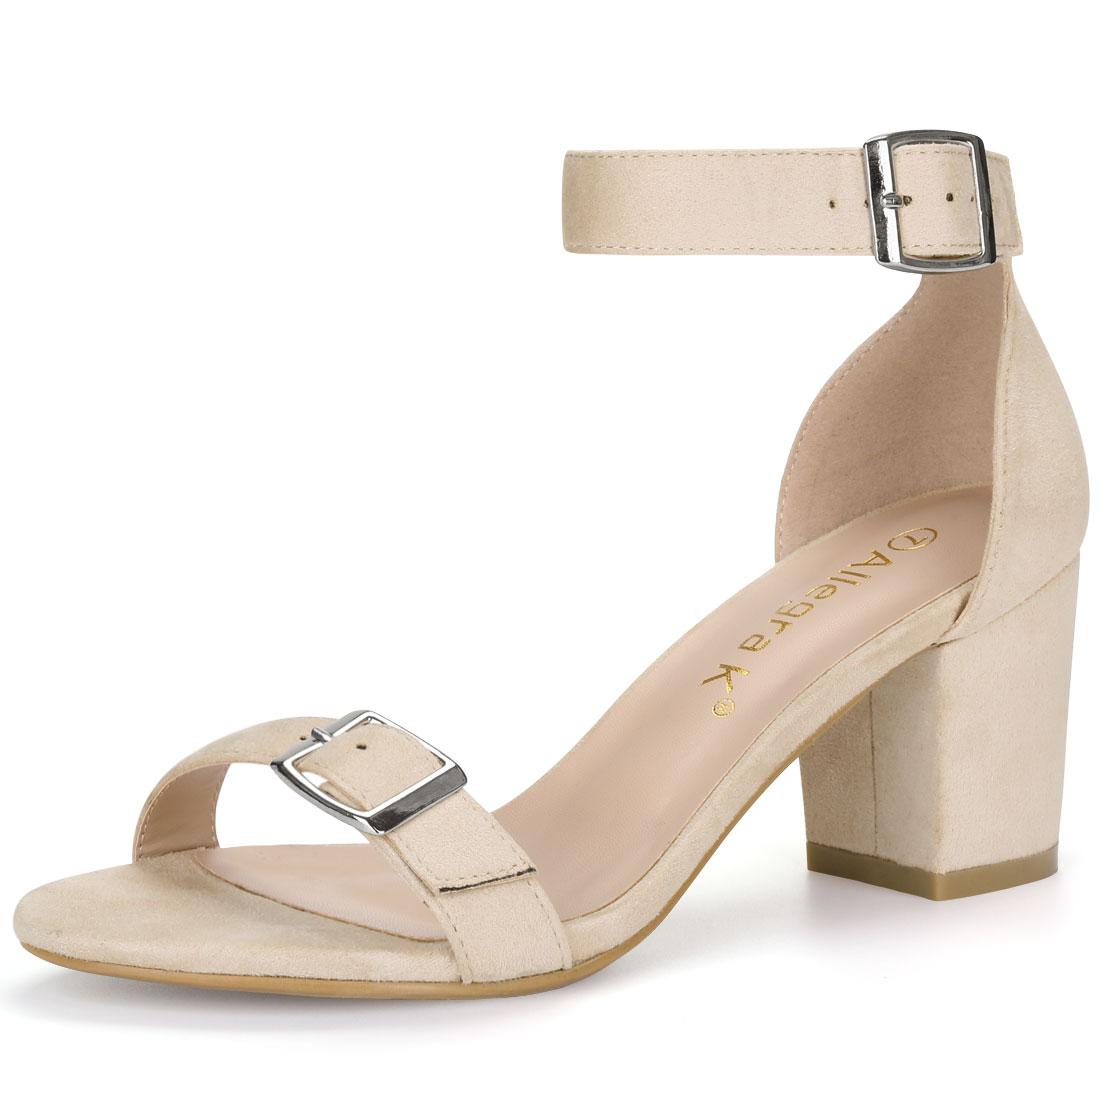 Women Open Toe Block Heel Buckle Ankle Strap Sandals Beige US 10